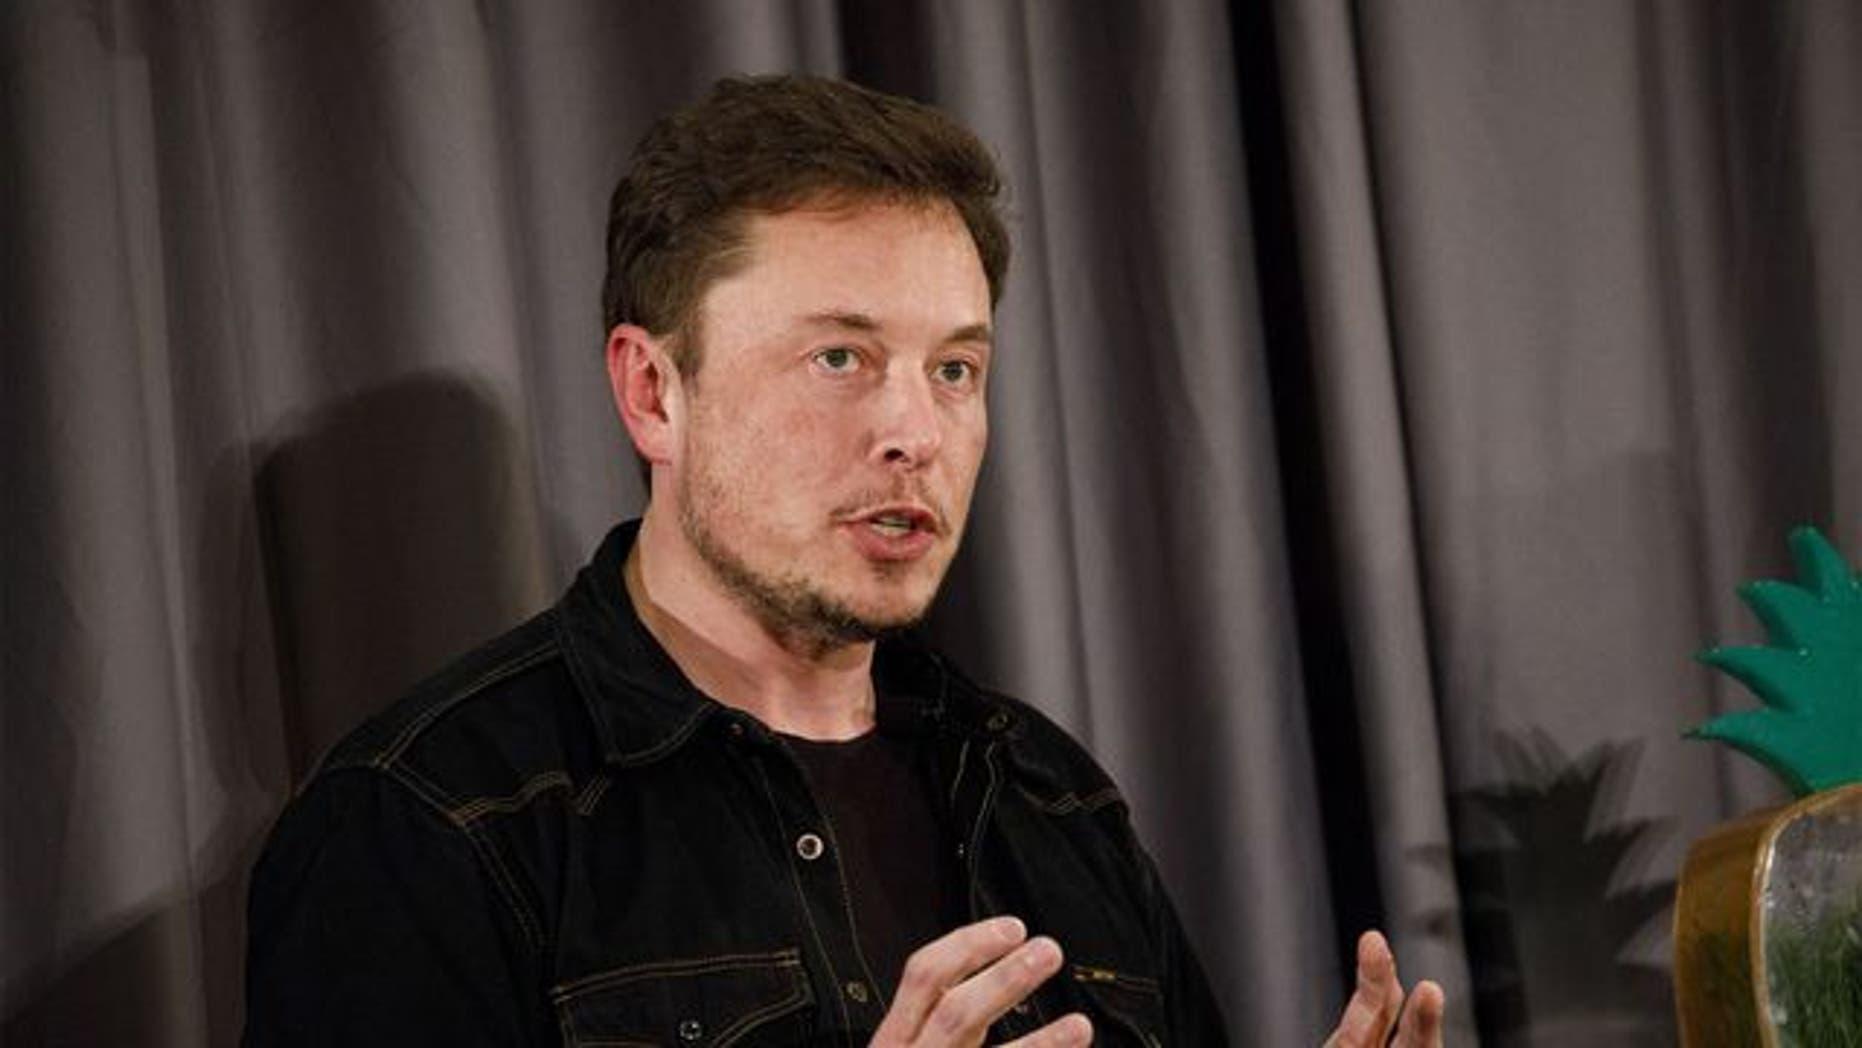 Elon-Musk-bel-air